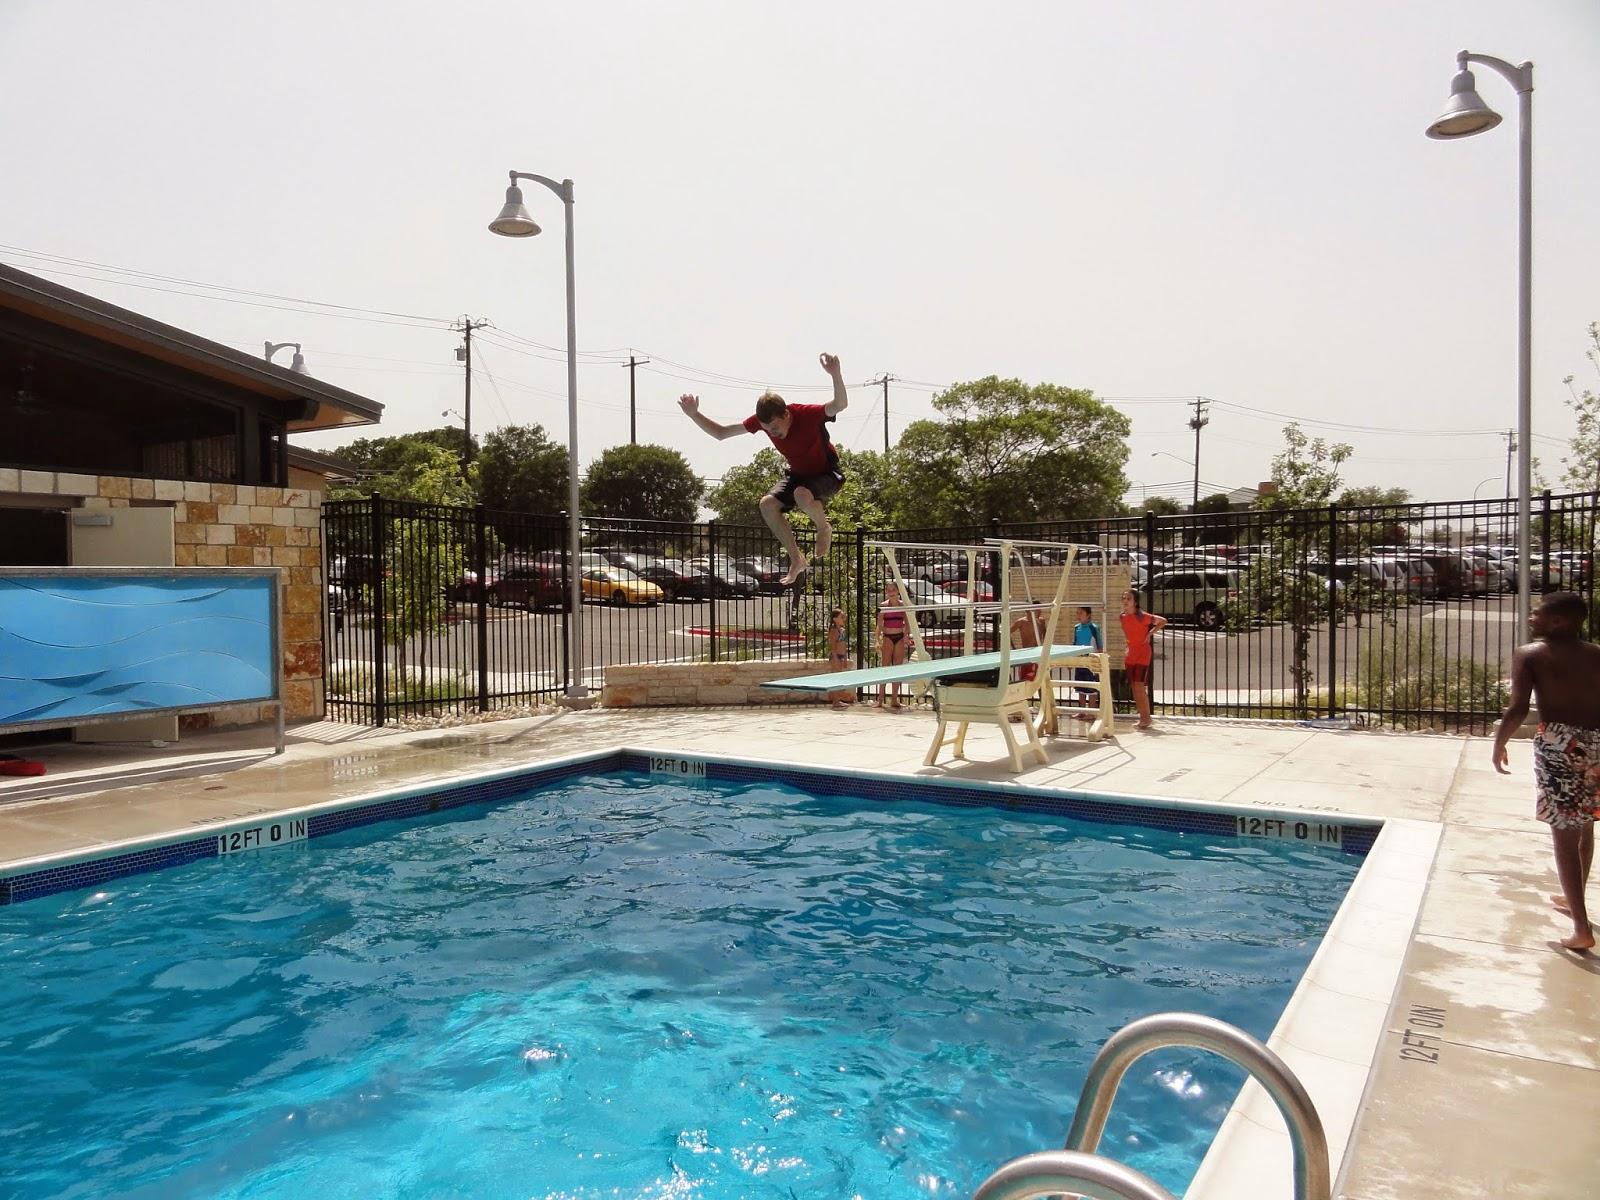 Austin Top 50 Fun in the Sun: Bartholomew Pool